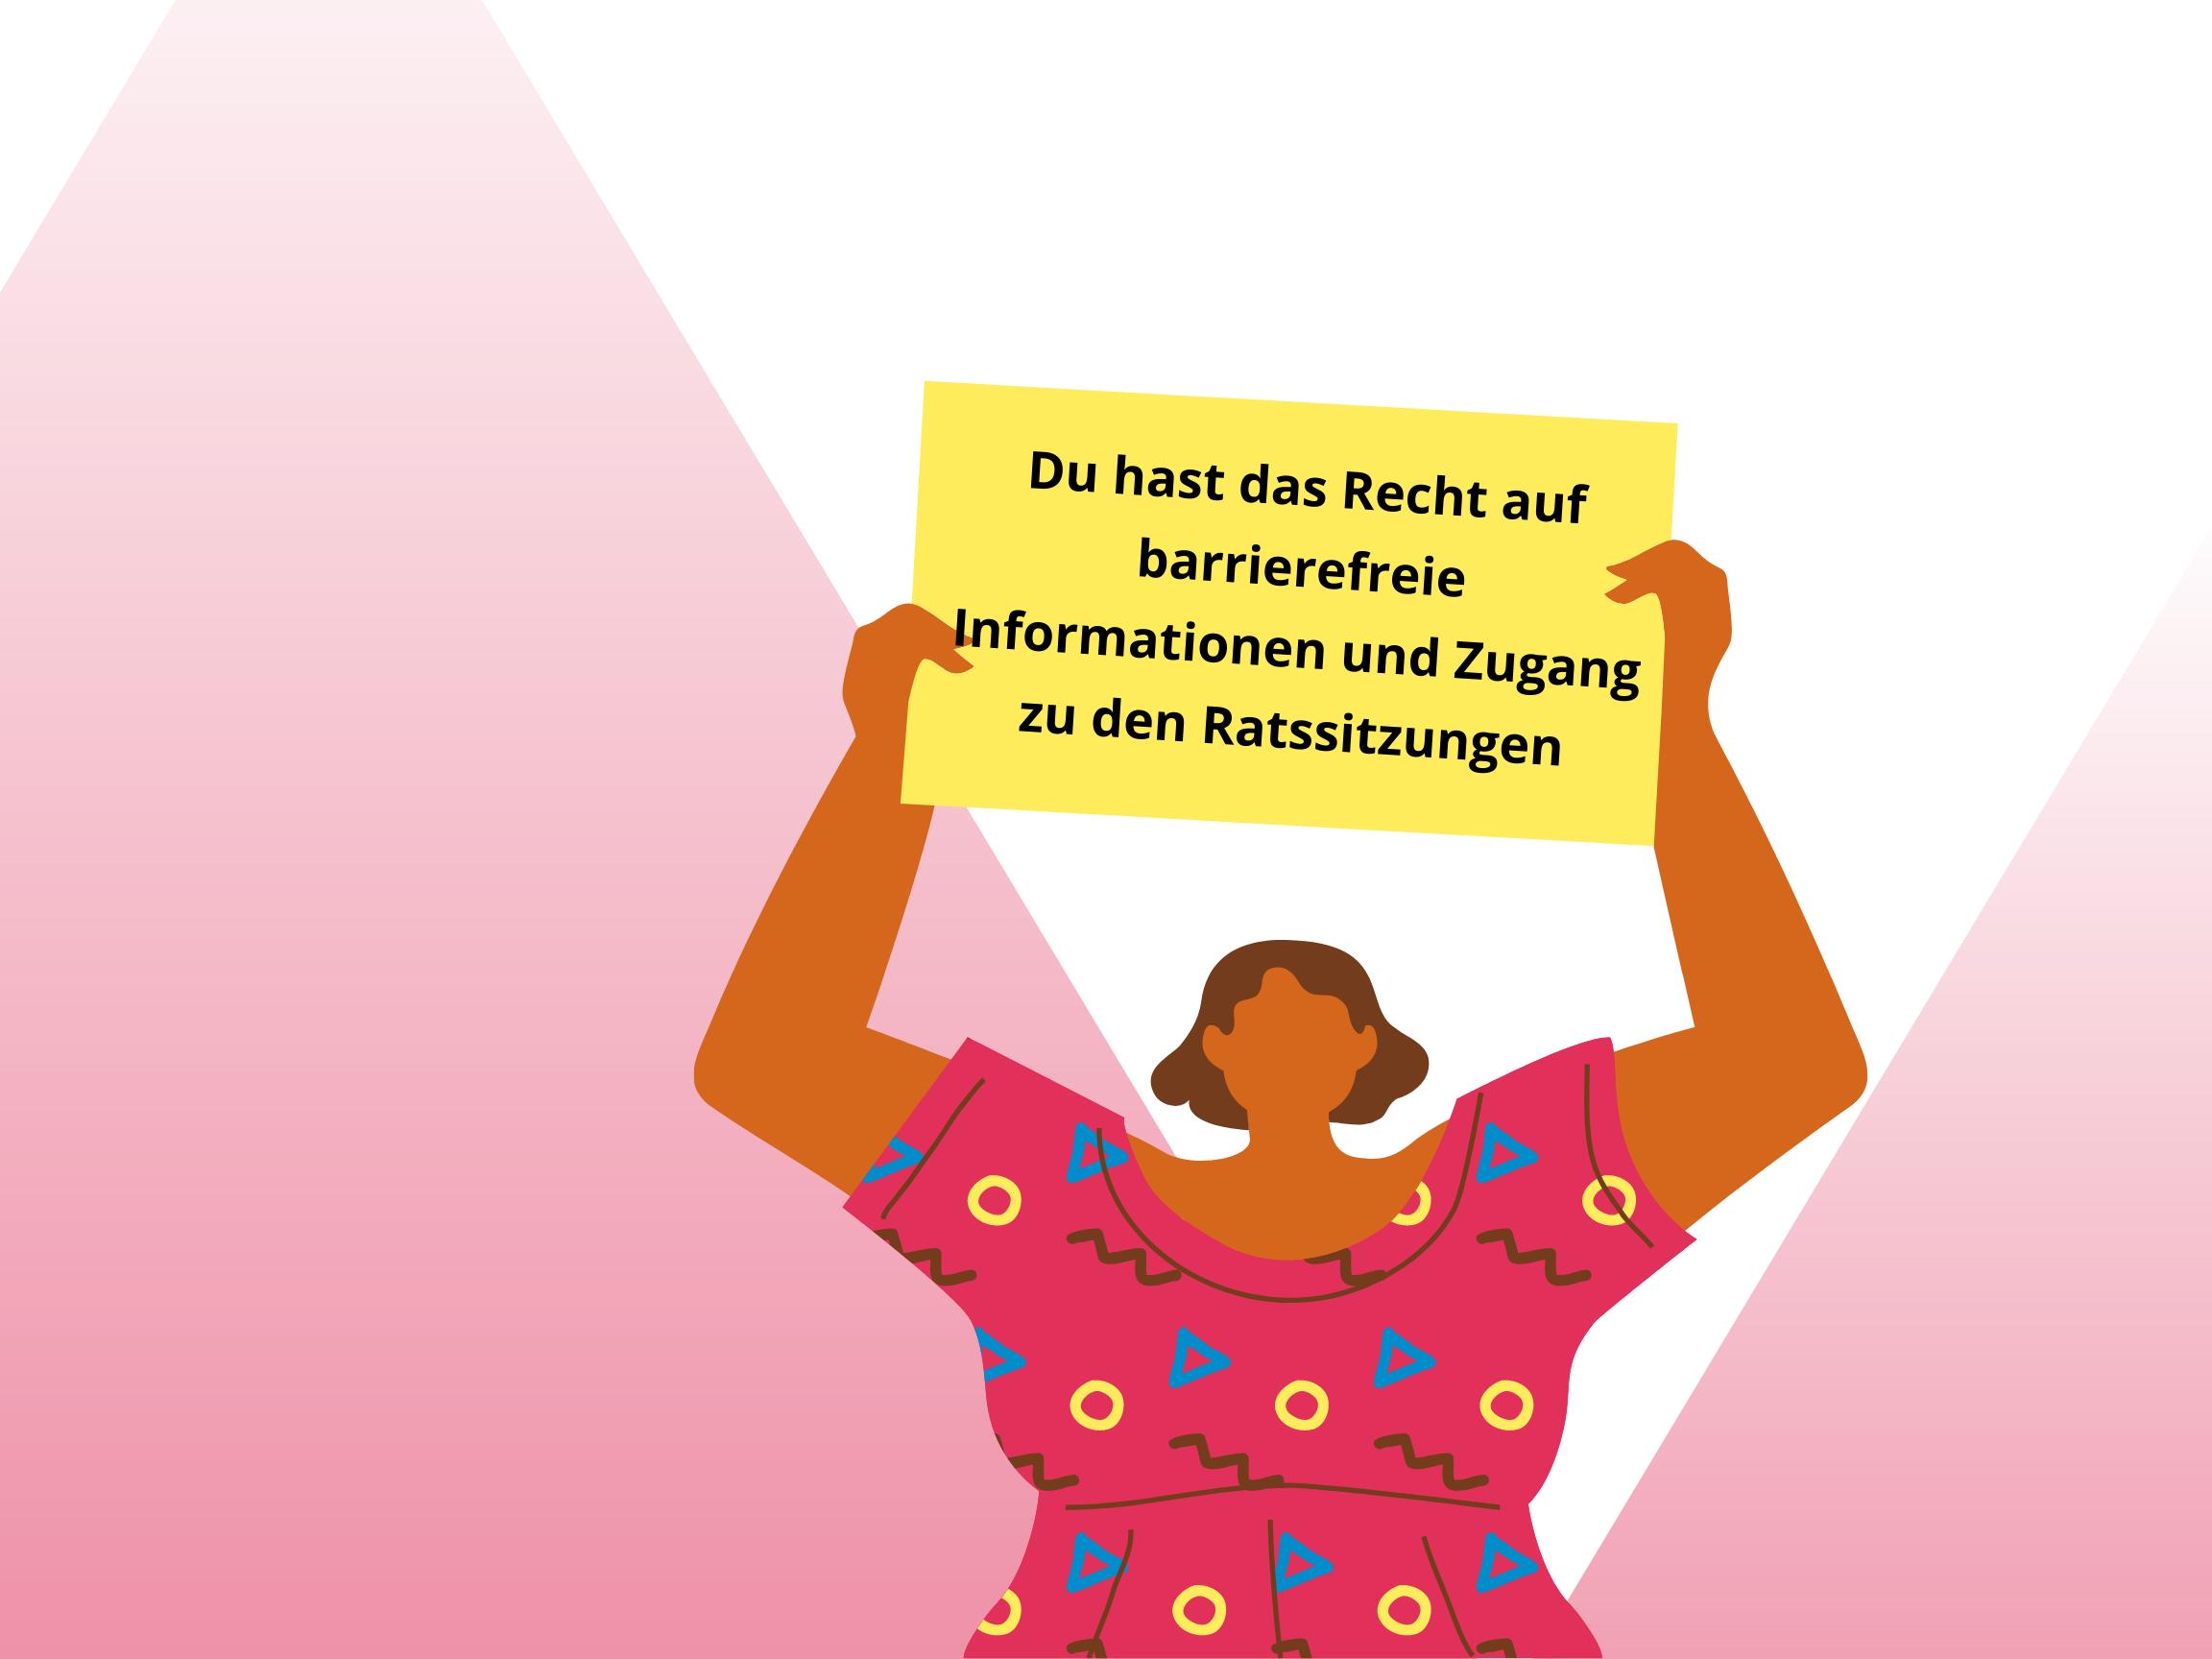 Eine Person im Comicstil mit einem roten Shirt mit gelben Kreisen und blauen Dreiecken hält mit beiden Armen ein Schild über den Kopf. Auf dem Schild steht: Du hast das Recht auf barrierefreie Informationen und Zugang zu den Ratssitzungen.